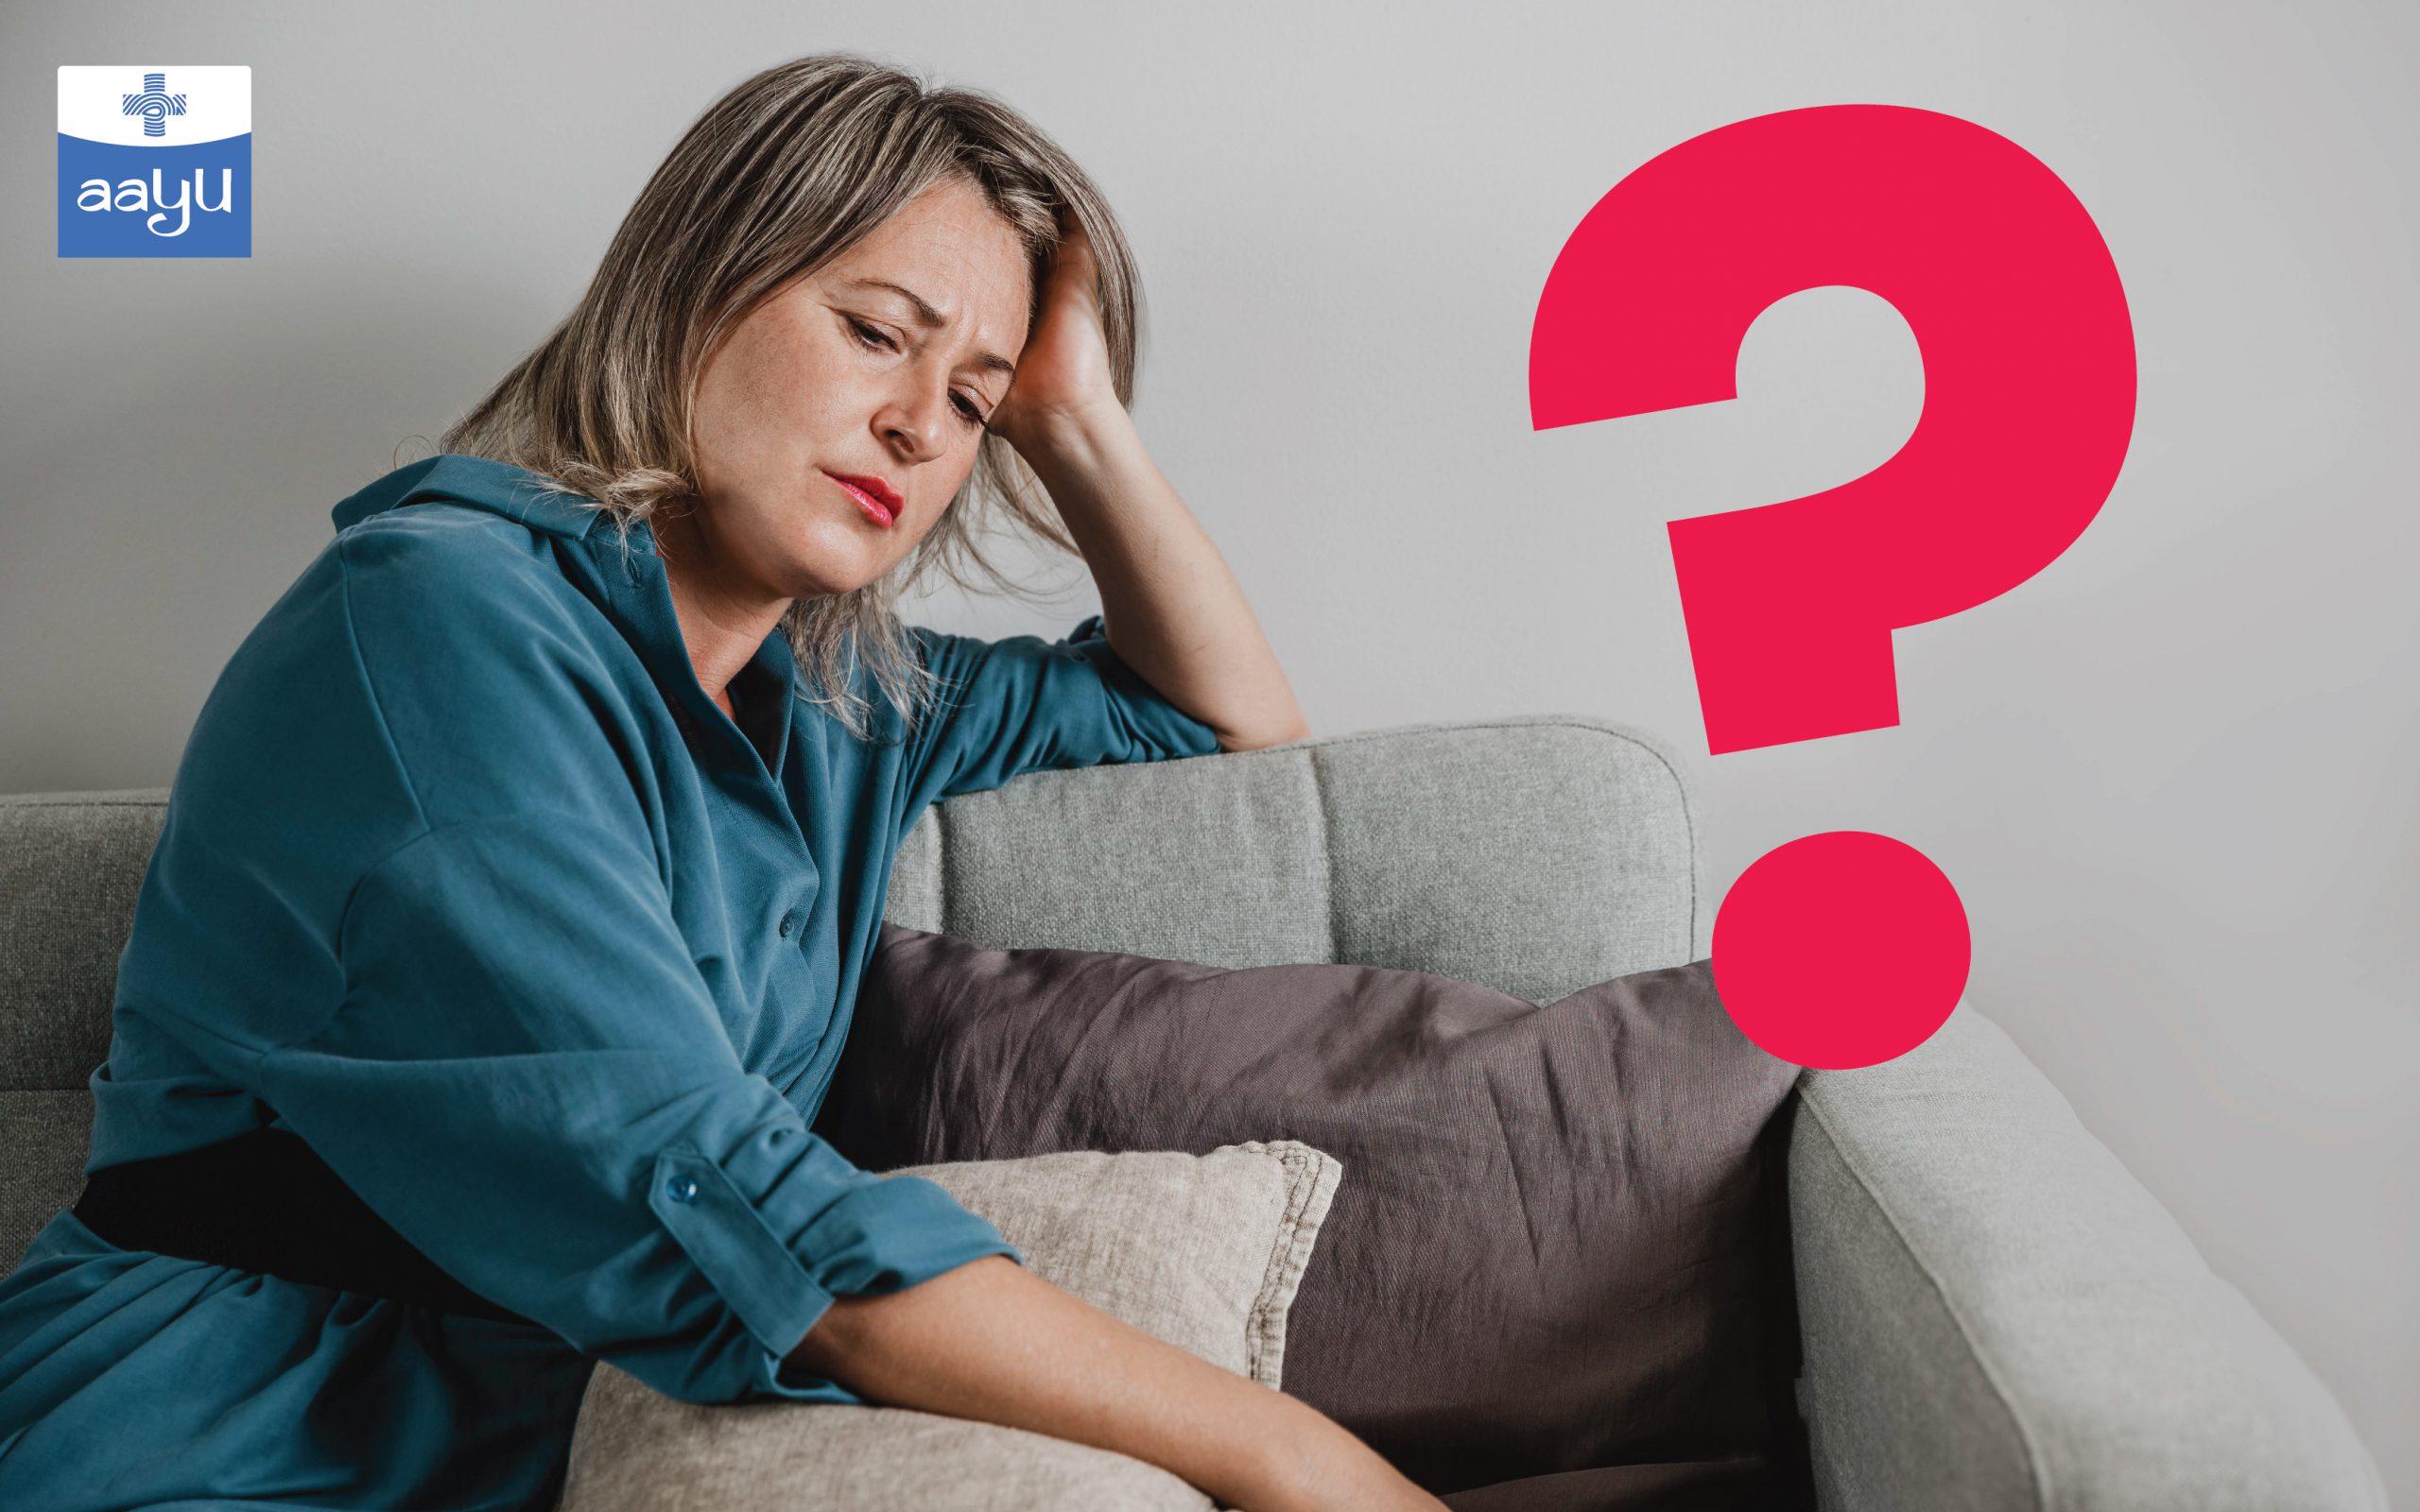 मेनोपॉज की तकलीफ कम करने के तरीके जानें| How to get rid of menopause